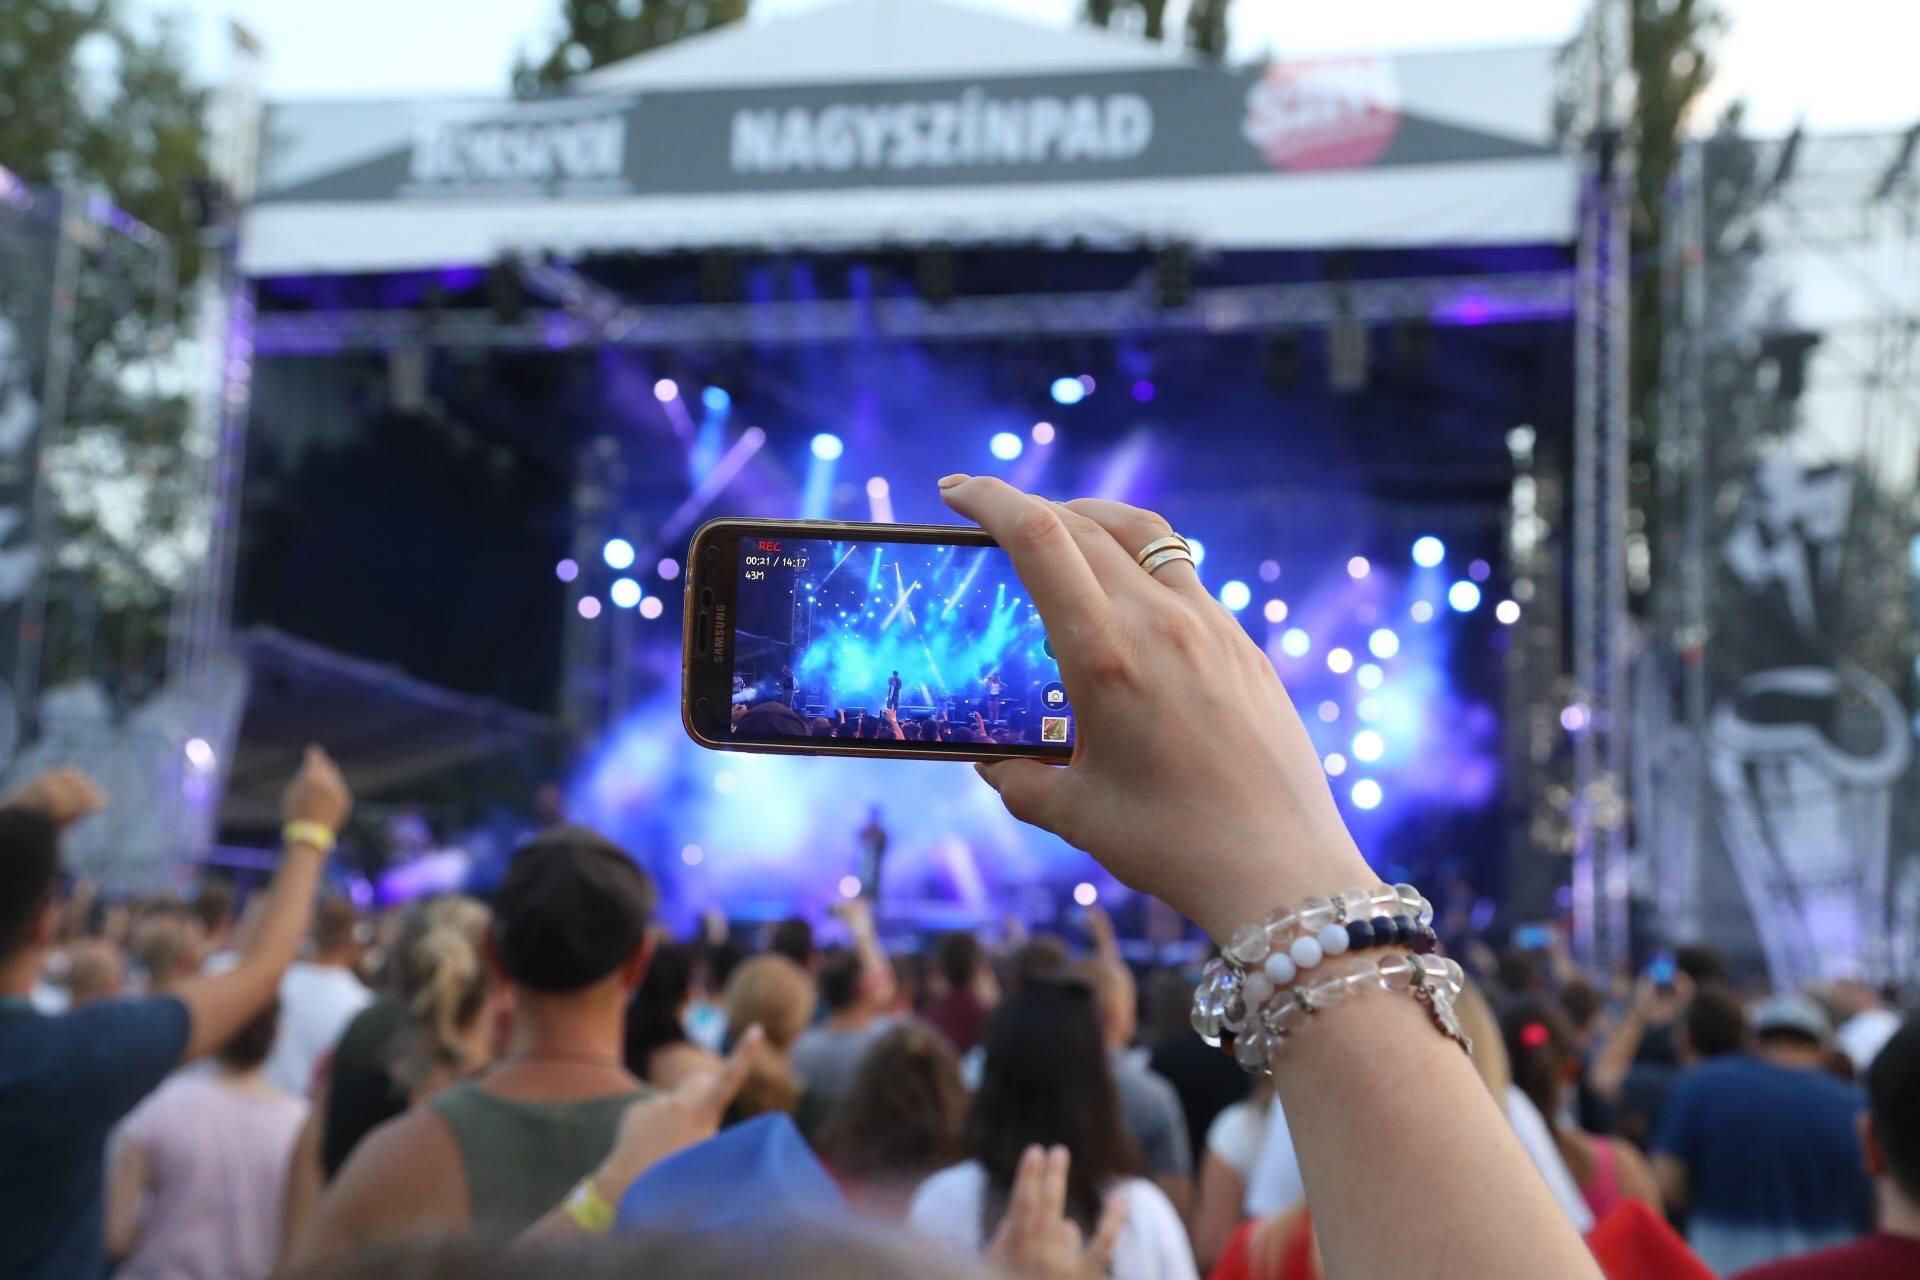 Fesztivál festival Szeged concert